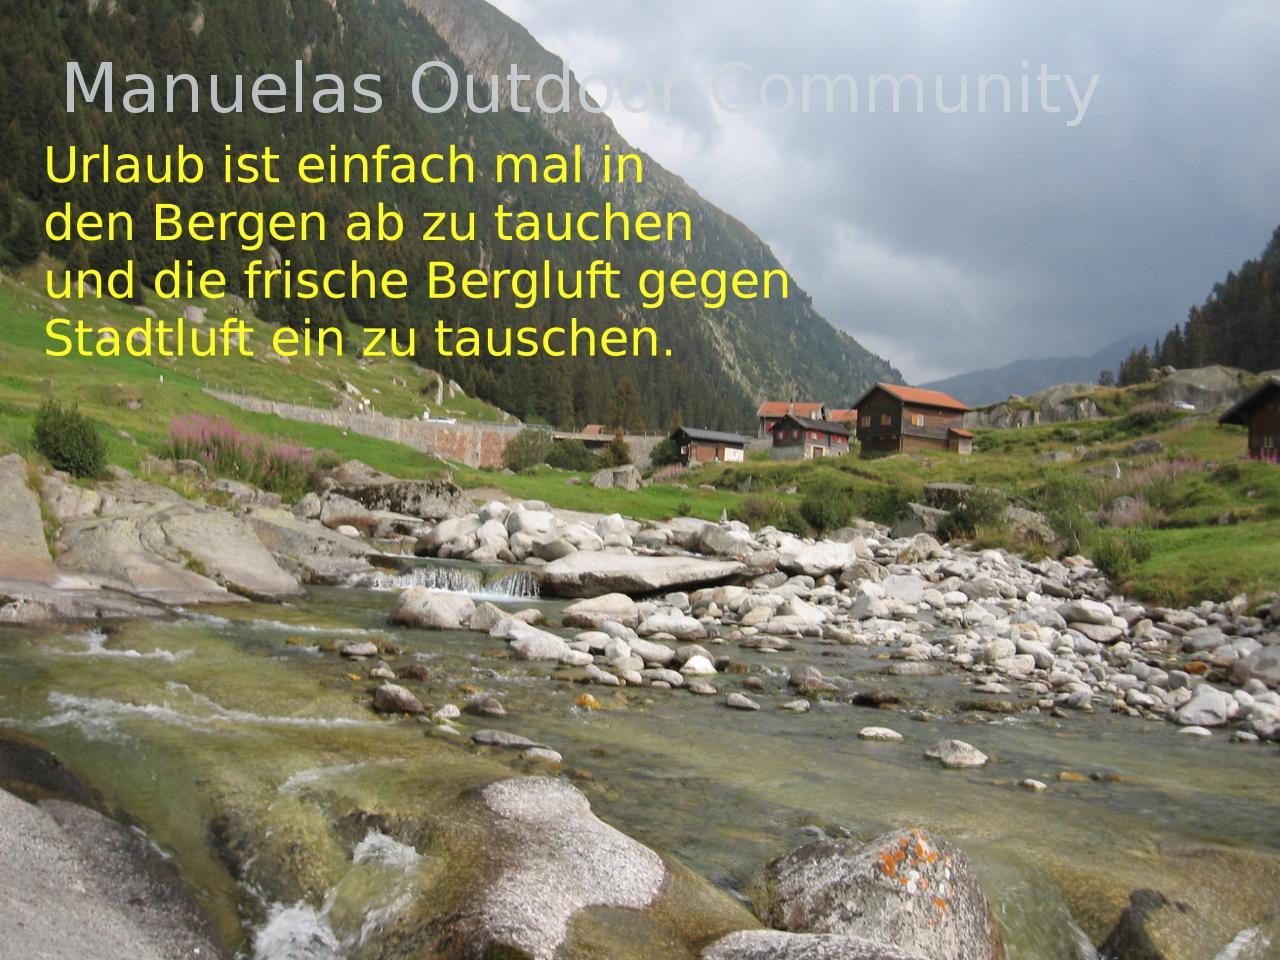 Berg urlaub spruch graub nden schweiz outdoor community - Spruch urlaub ...